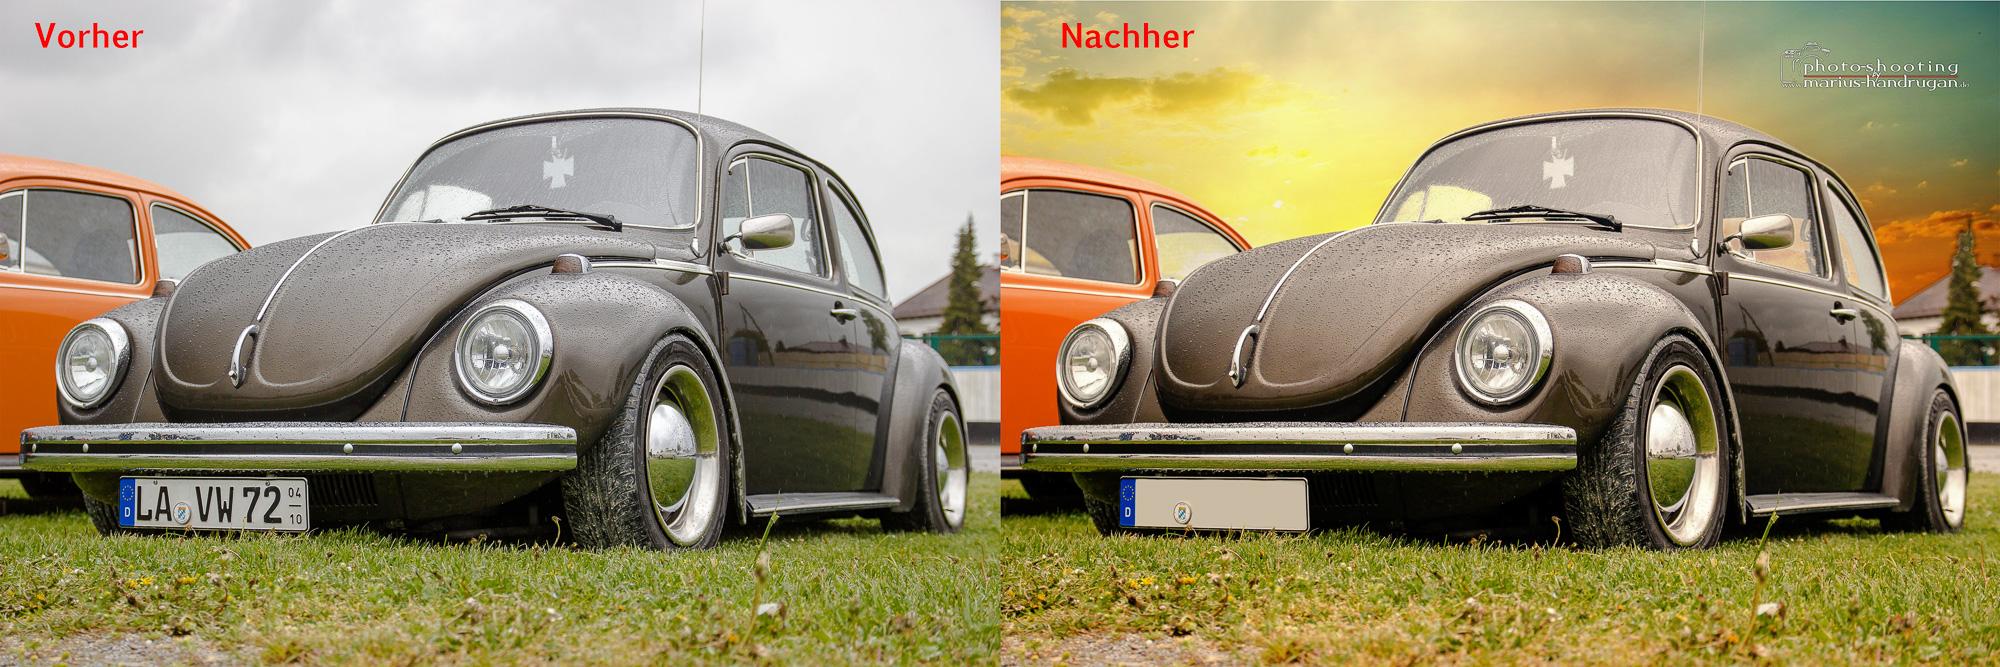 Vorher-Nachher Fotograf-Passau